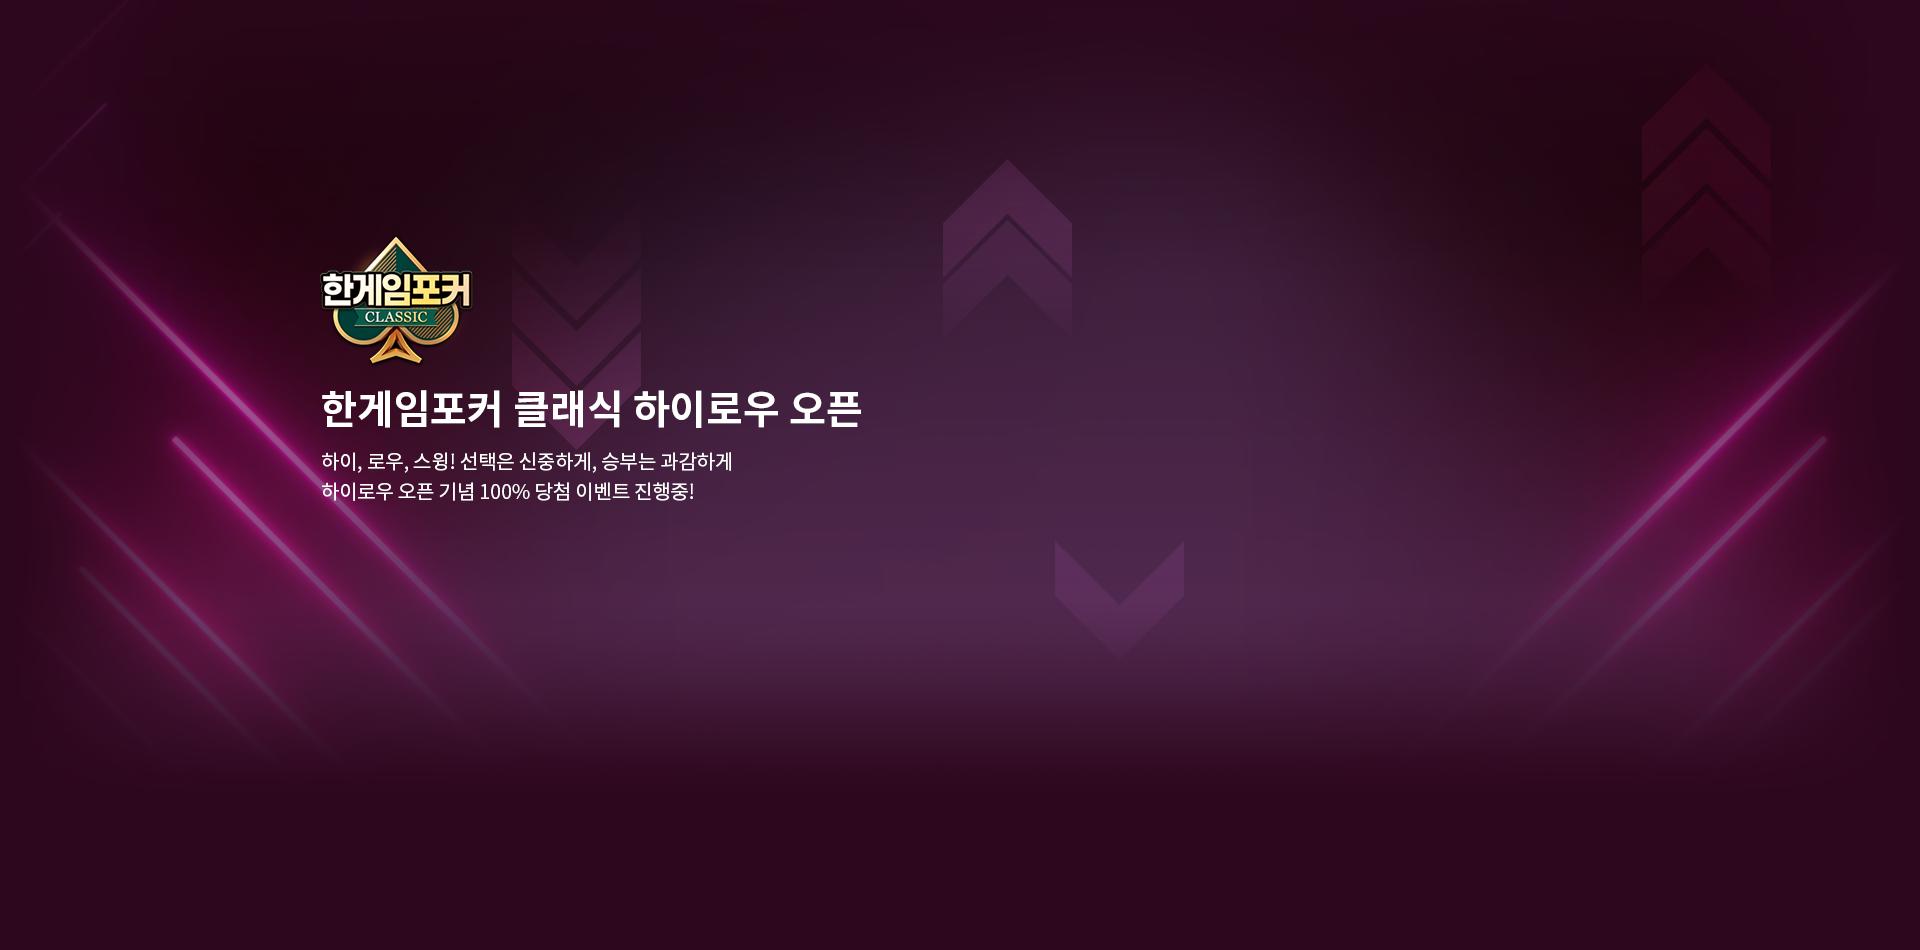 한게임포커 클래식 하이로우 오픈!